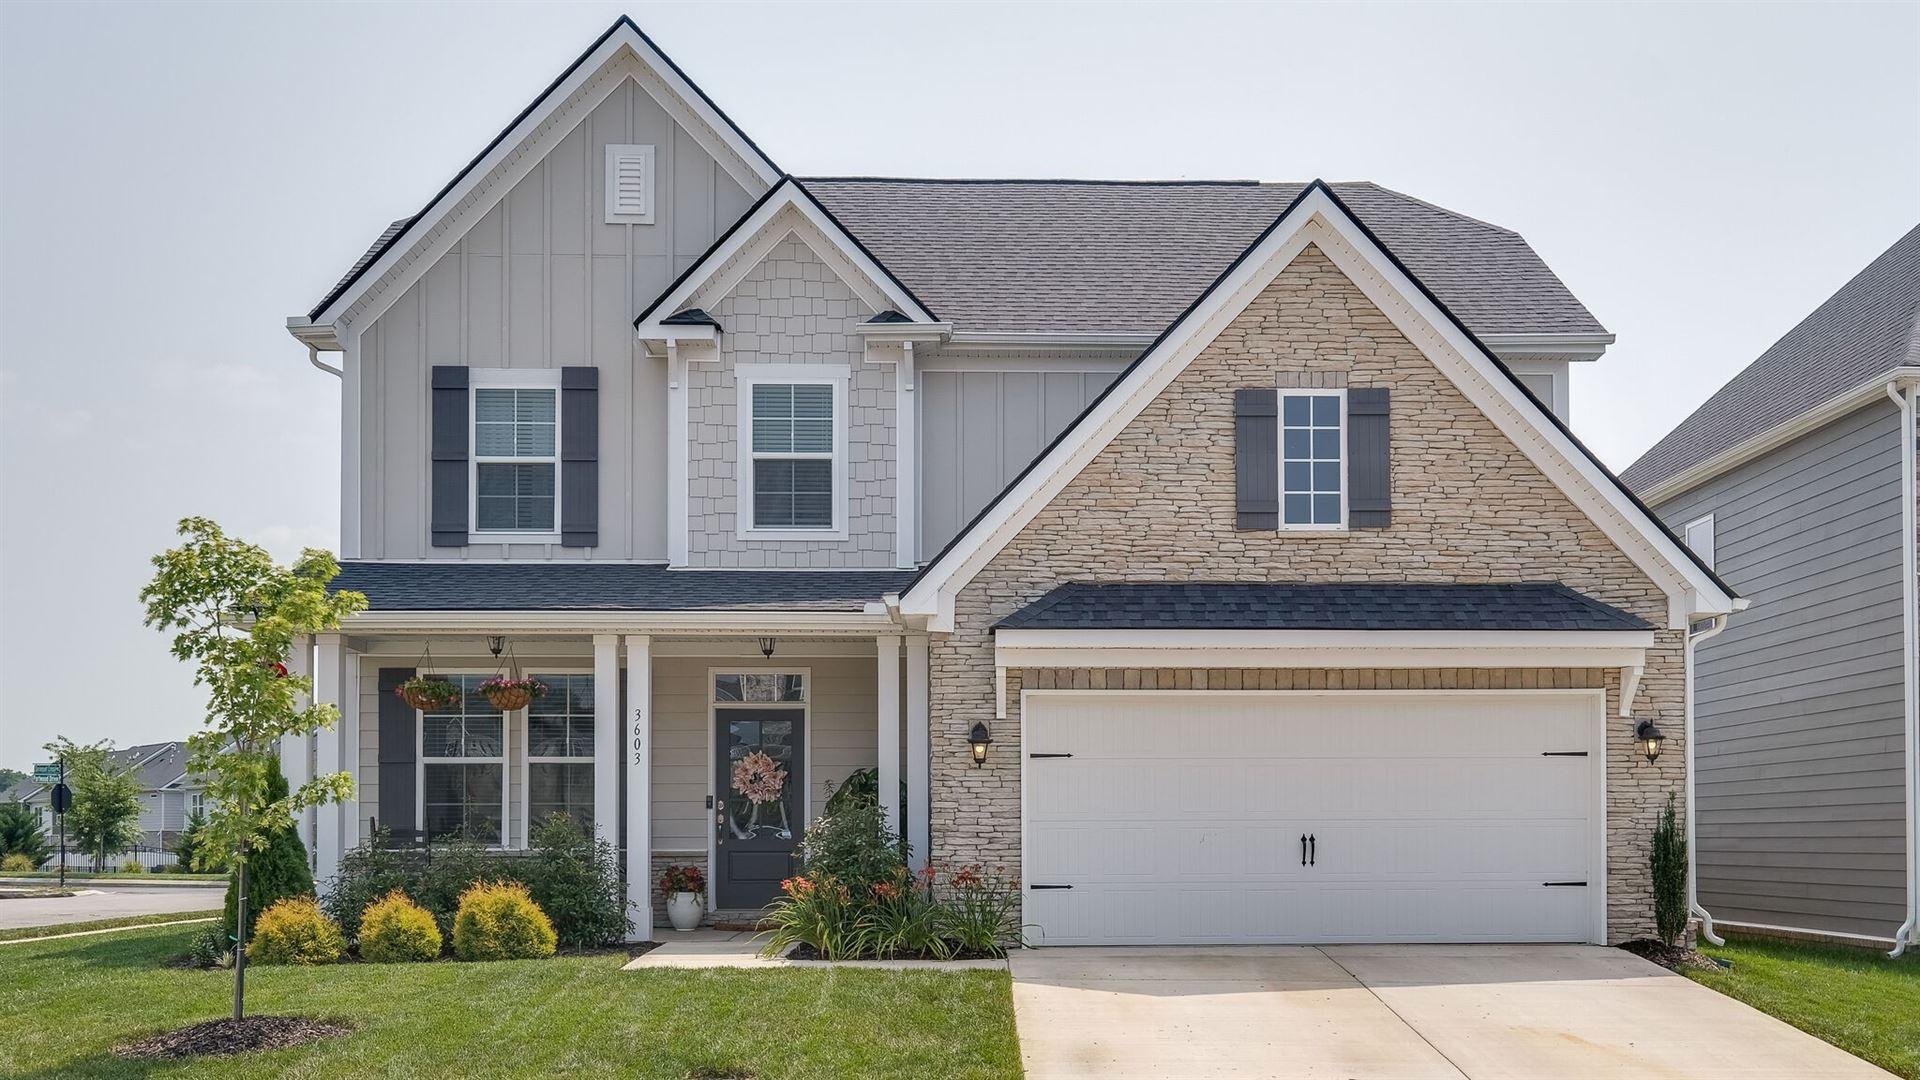 3603 Waterlilly Way, Murfreesboro, TN 37129 - MLS#: 2275135